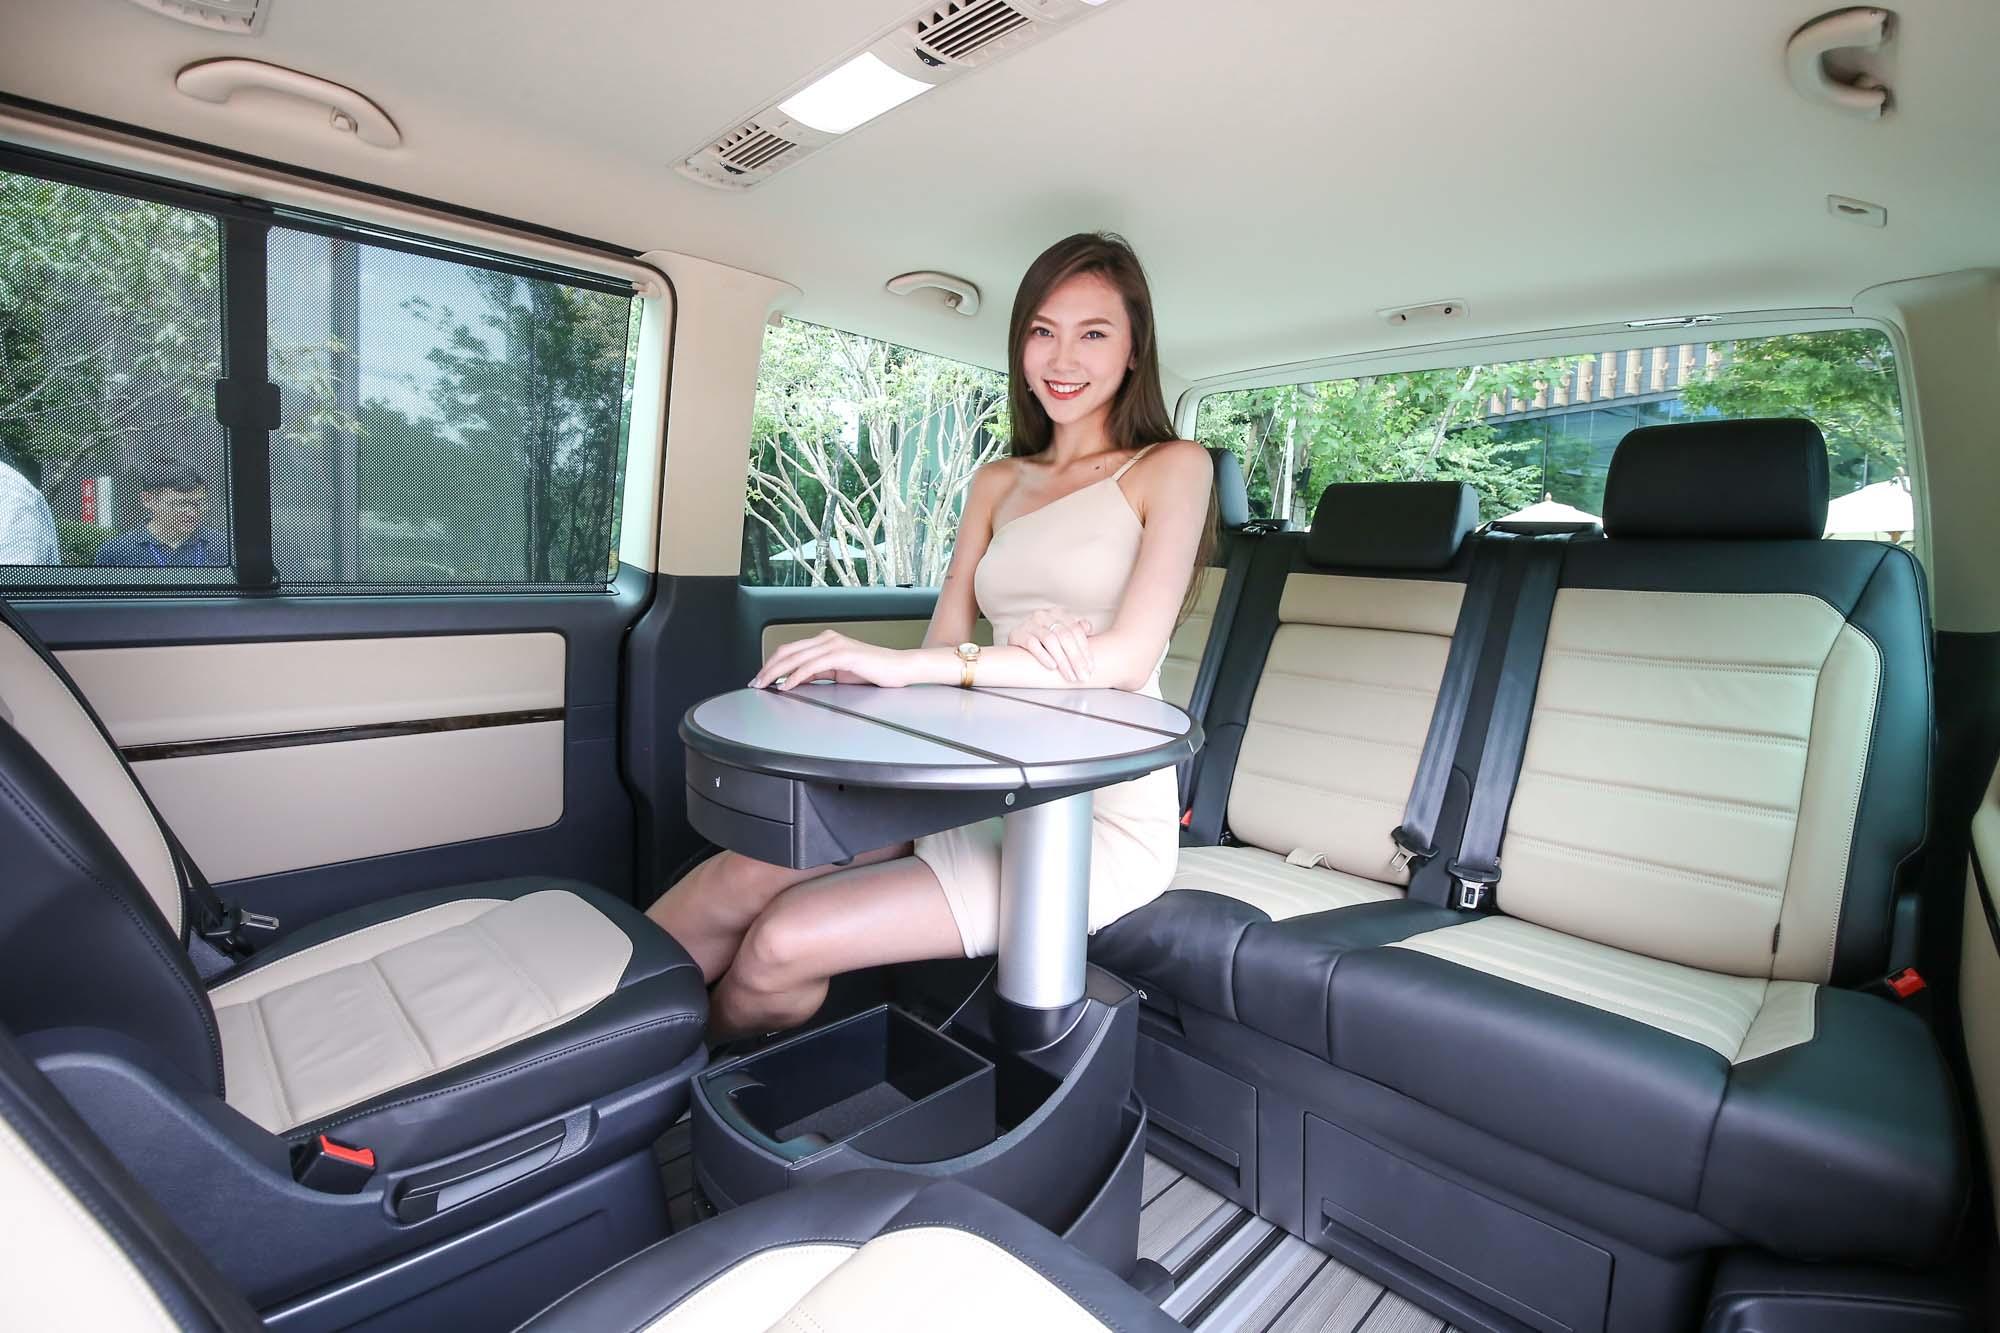 如果買車有送秘書應該也是相當有力的促銷方式...(喂!不要這樣物化女性!)